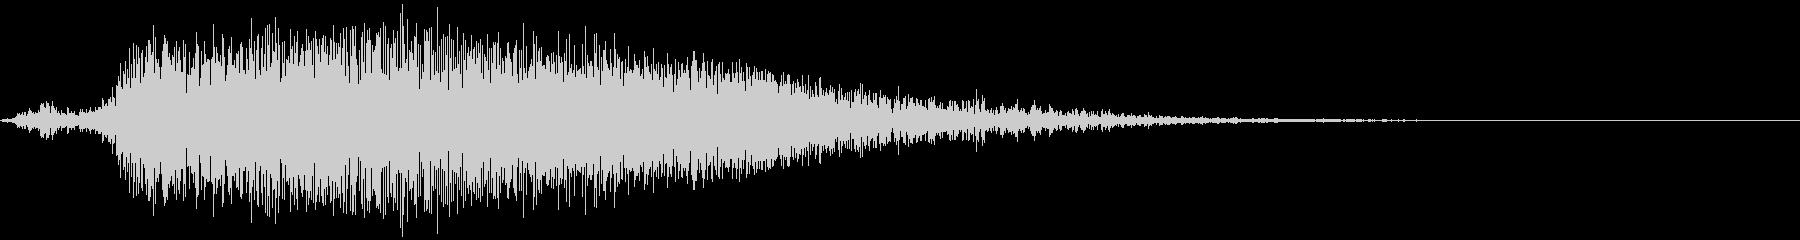 発射音(ピシュン)の未再生の波形